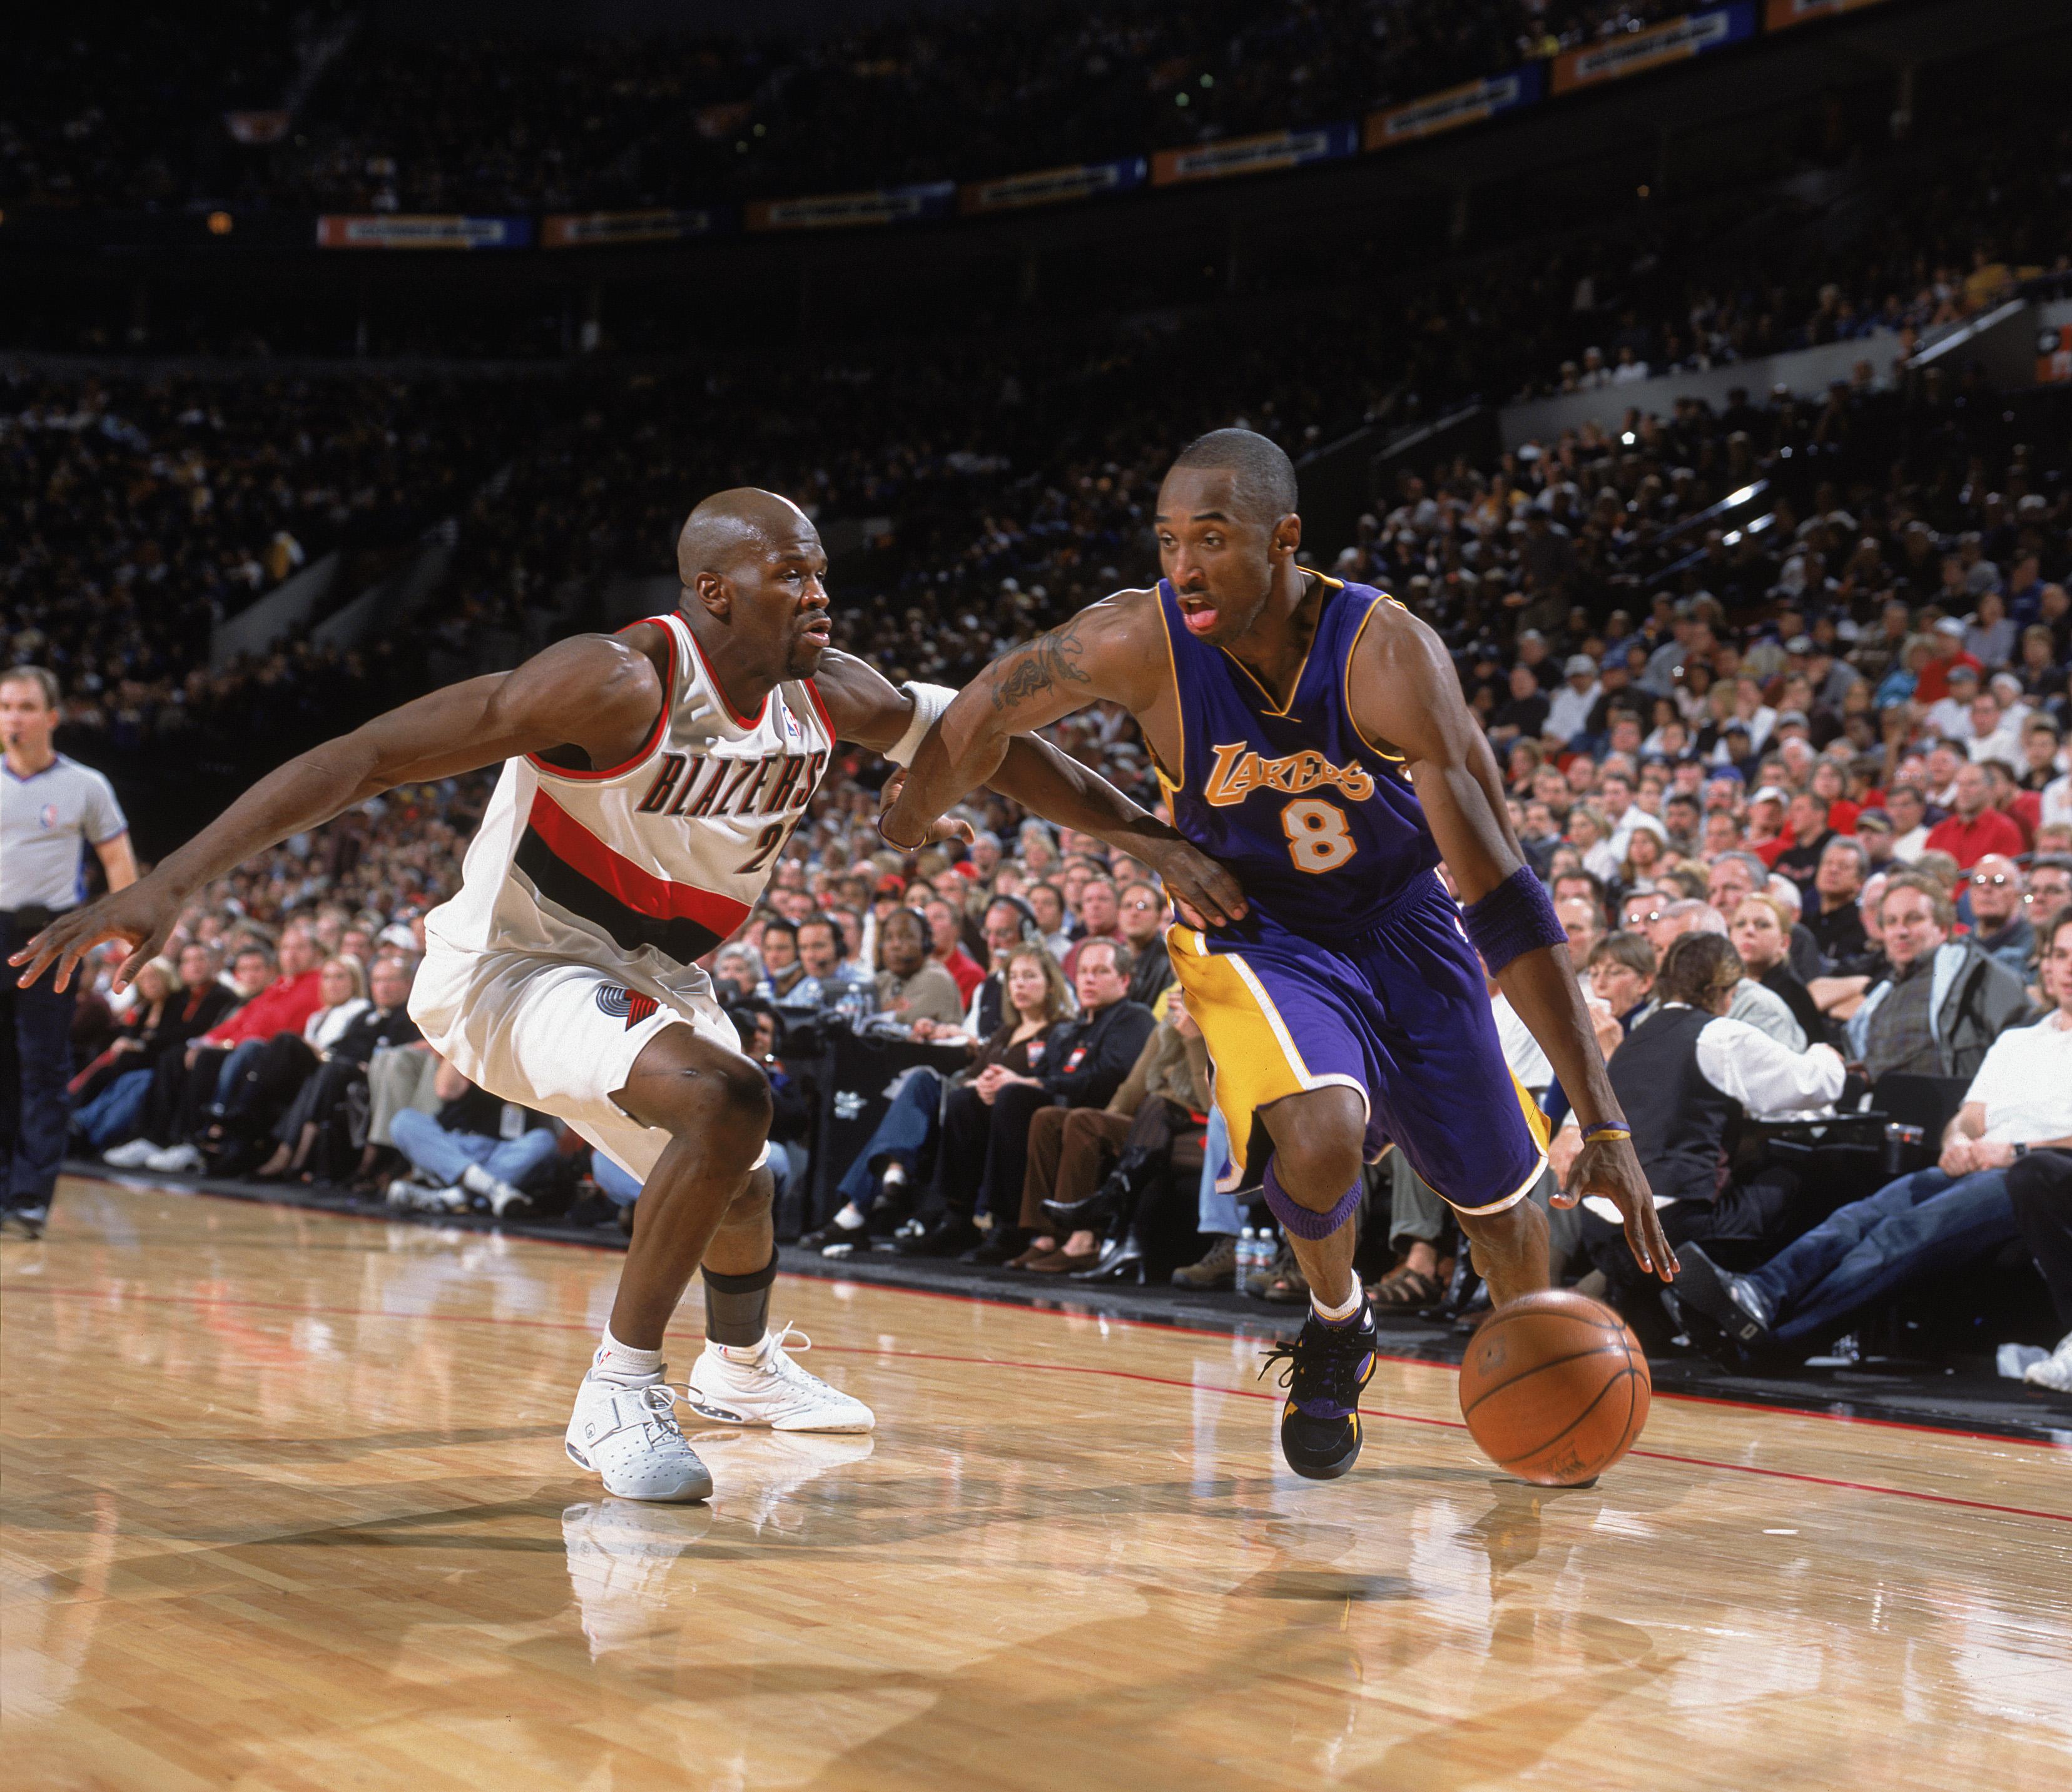 Kobe Bryant drives